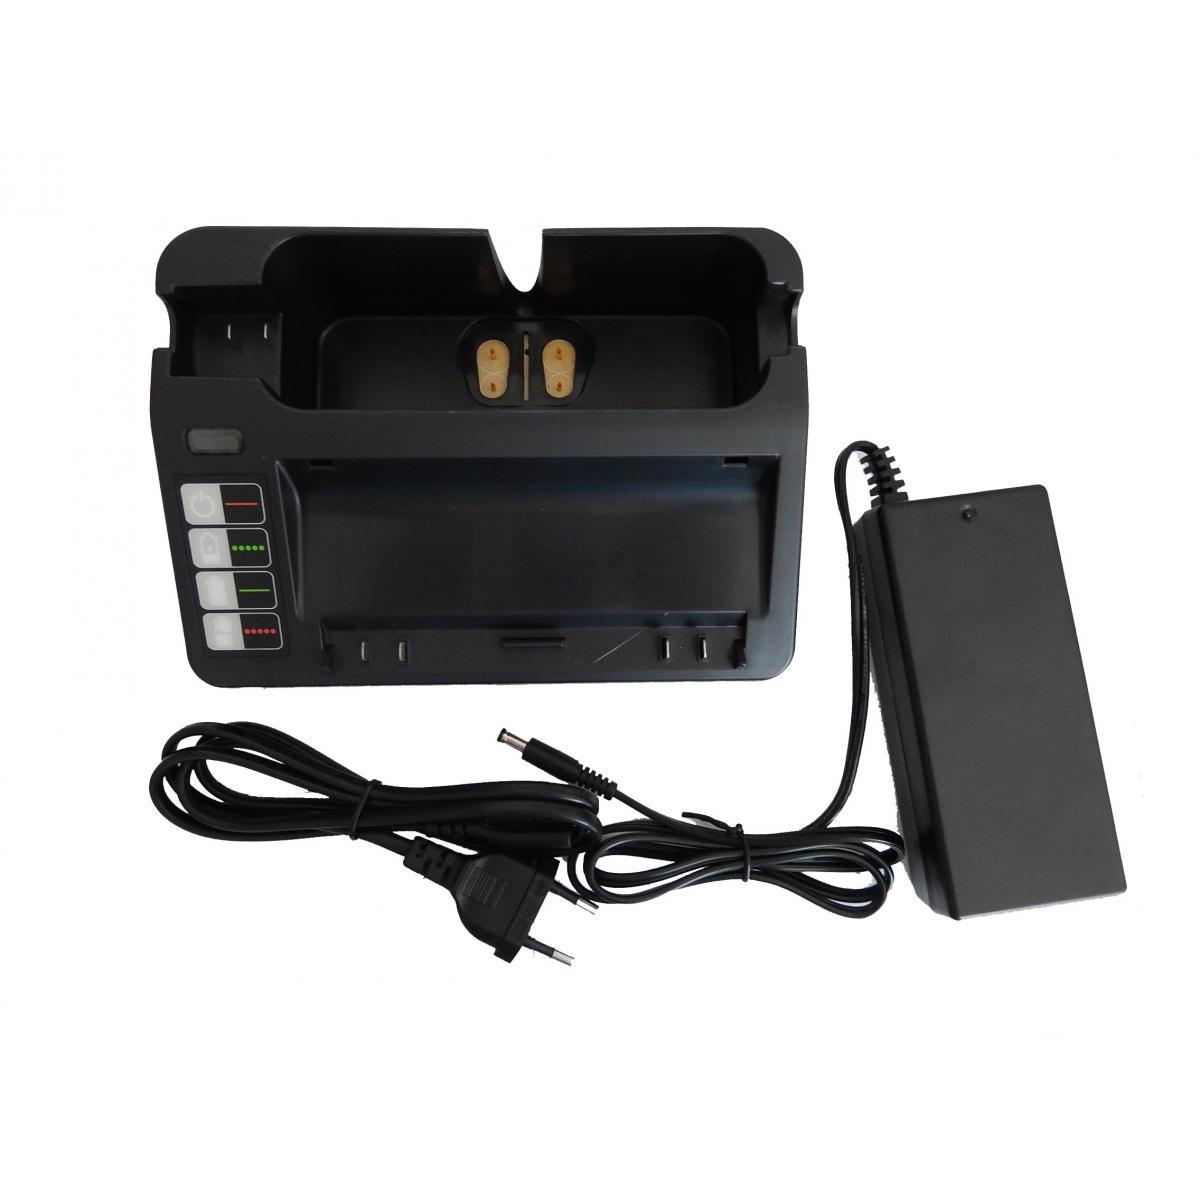 Vhbw vhbw 220V Bloc d'alimentation Chargeur compatible avec iRobot Roomba 620, 625, 630, 650 remplace 14904, BPL18151, 11700,